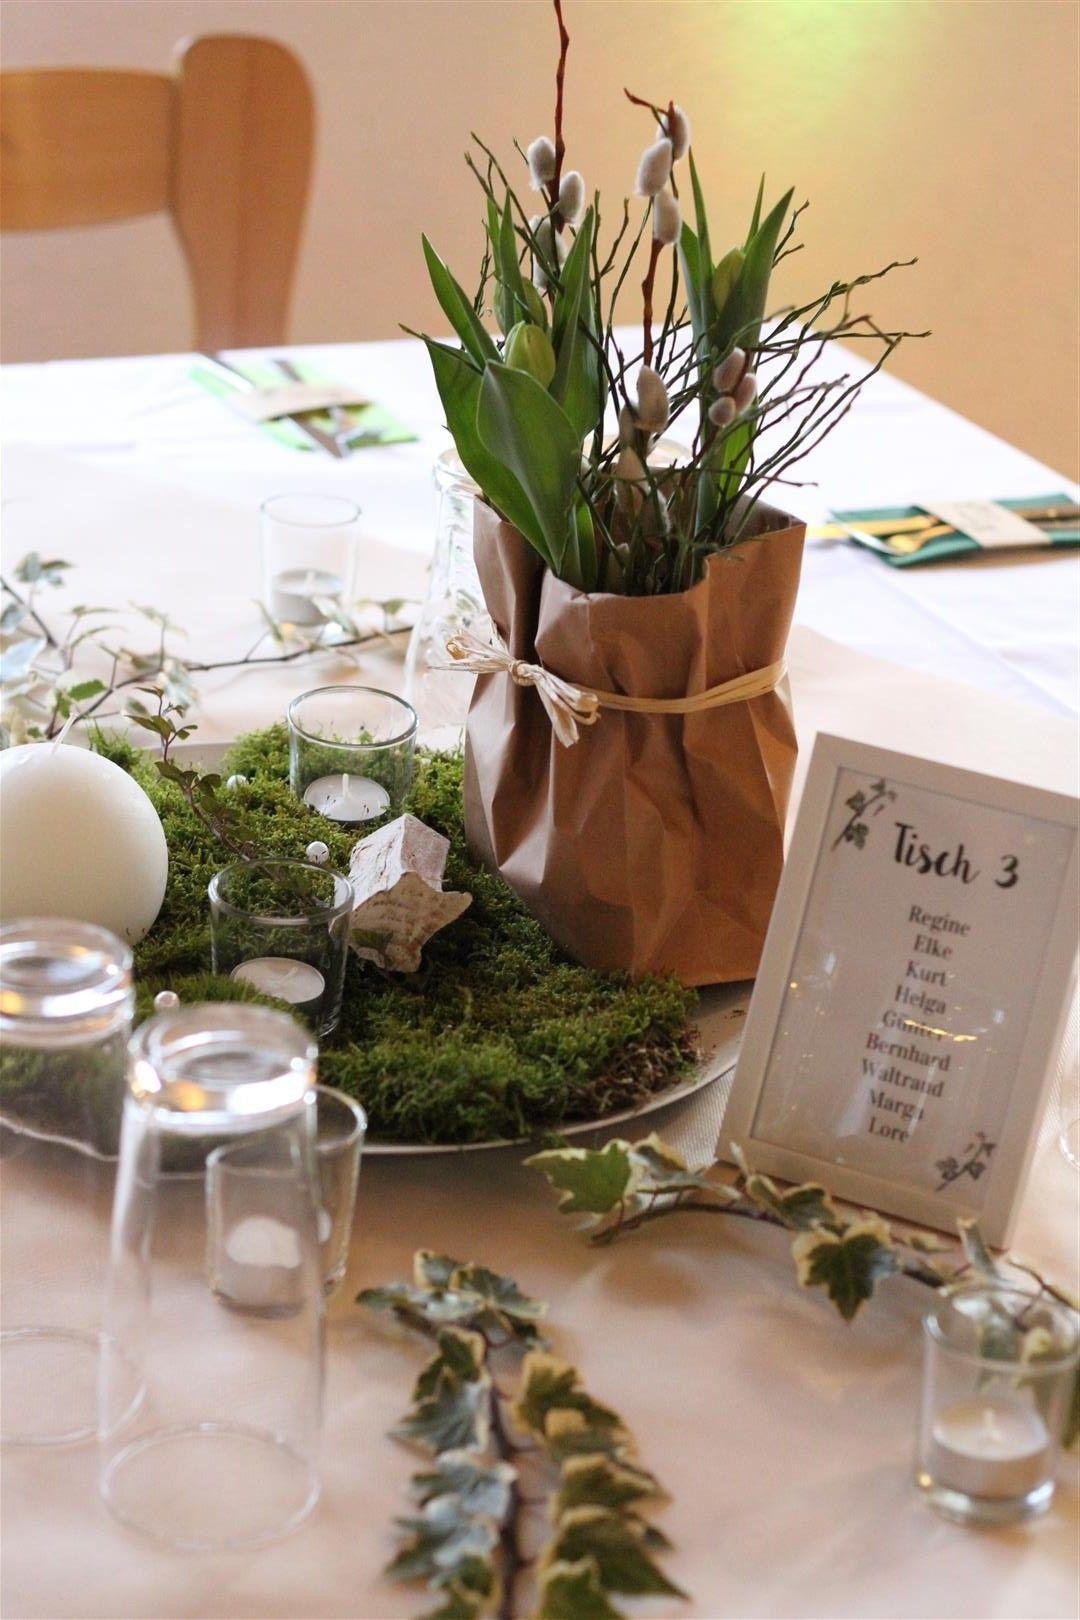 Tischdeko Geburtstag Grn Weiss mit Holz Efeu Moos